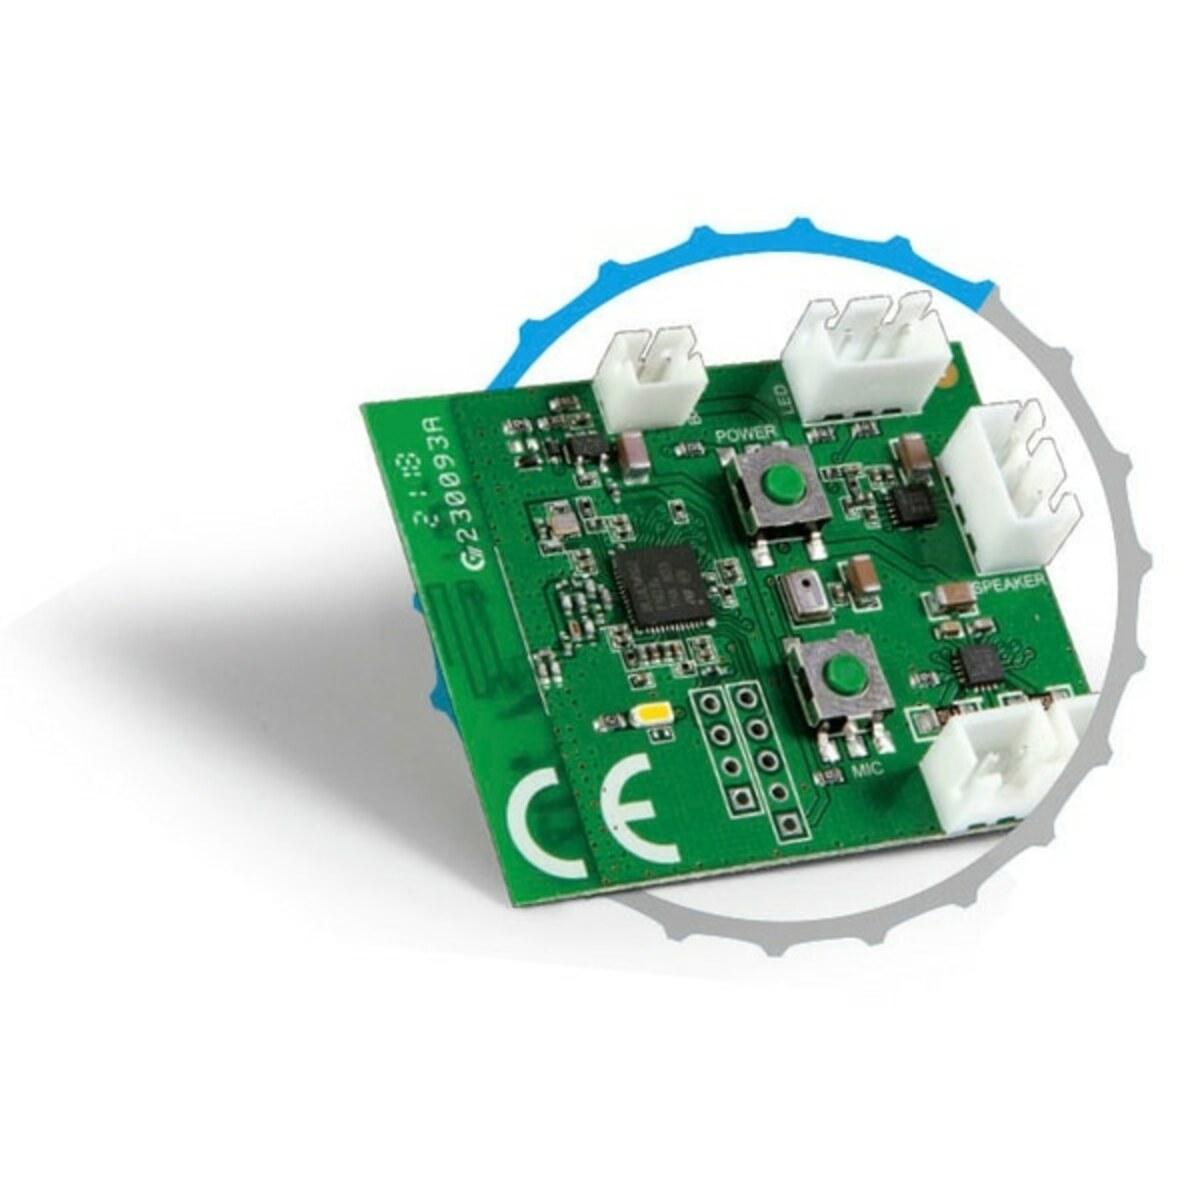 Bild 4 von Galileo - Cyber Talk Roboter